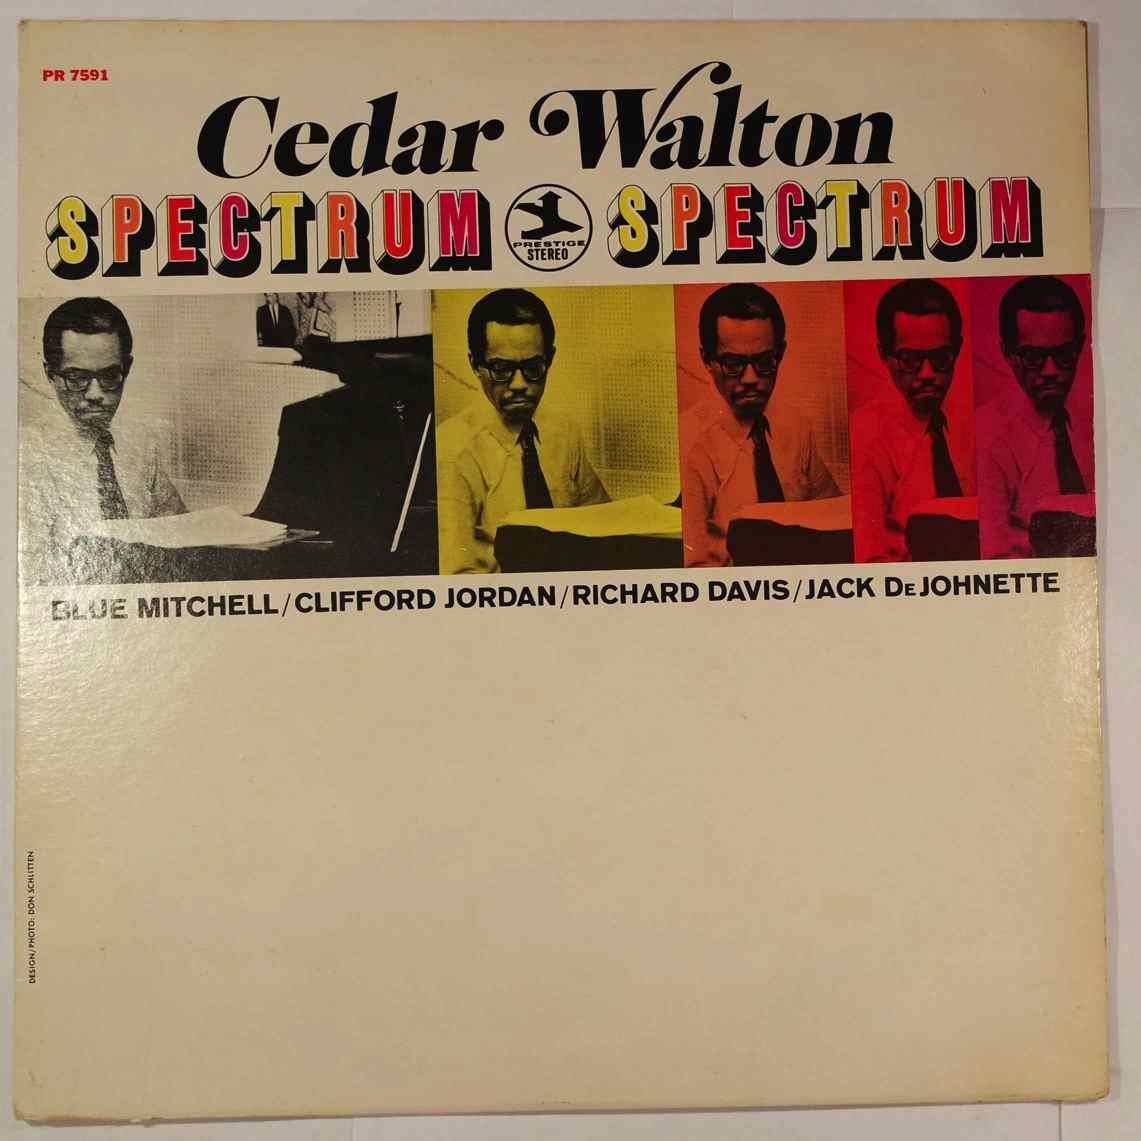 Cedar Walton Spectrum